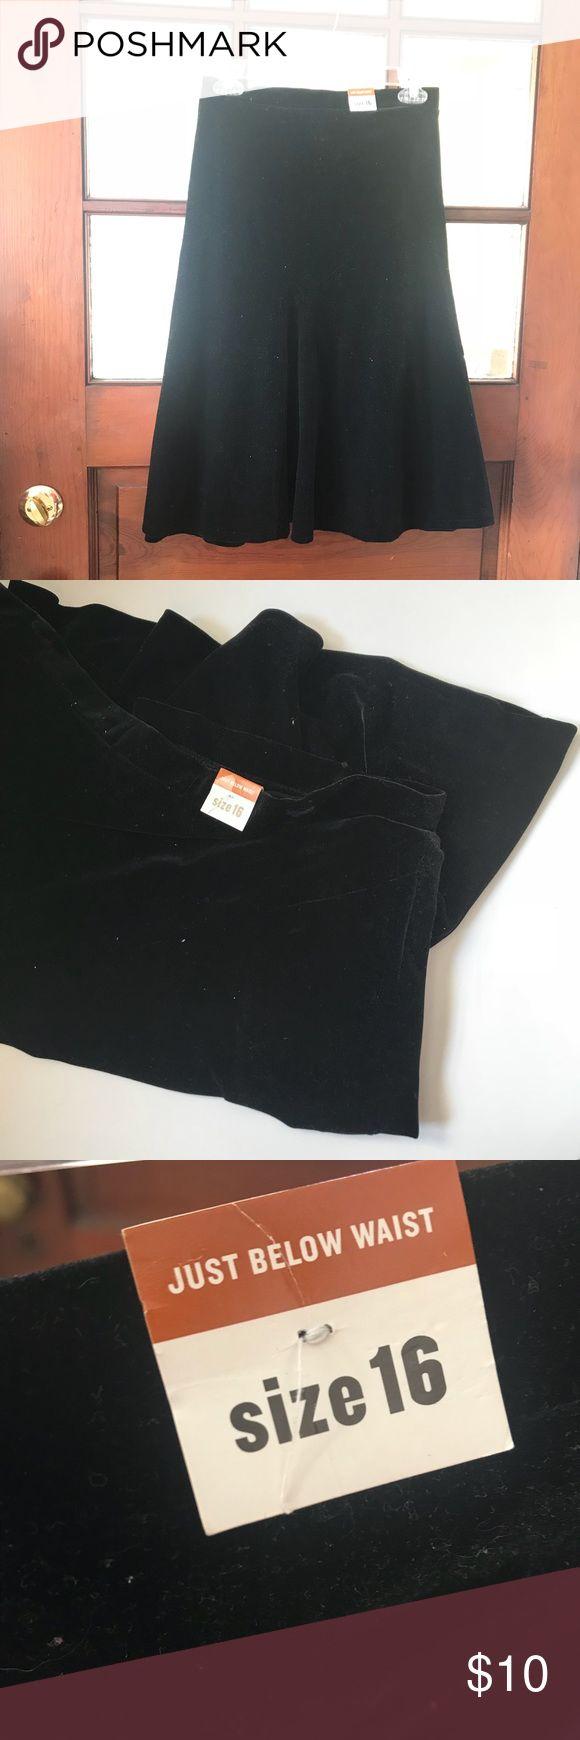 New!! Old Navy Velvet Black Skirt- 16 New!! Old Navy Velvet Skirt Size 16 Color: Black Fit: Just below the waist Old Navy Skirts Midi